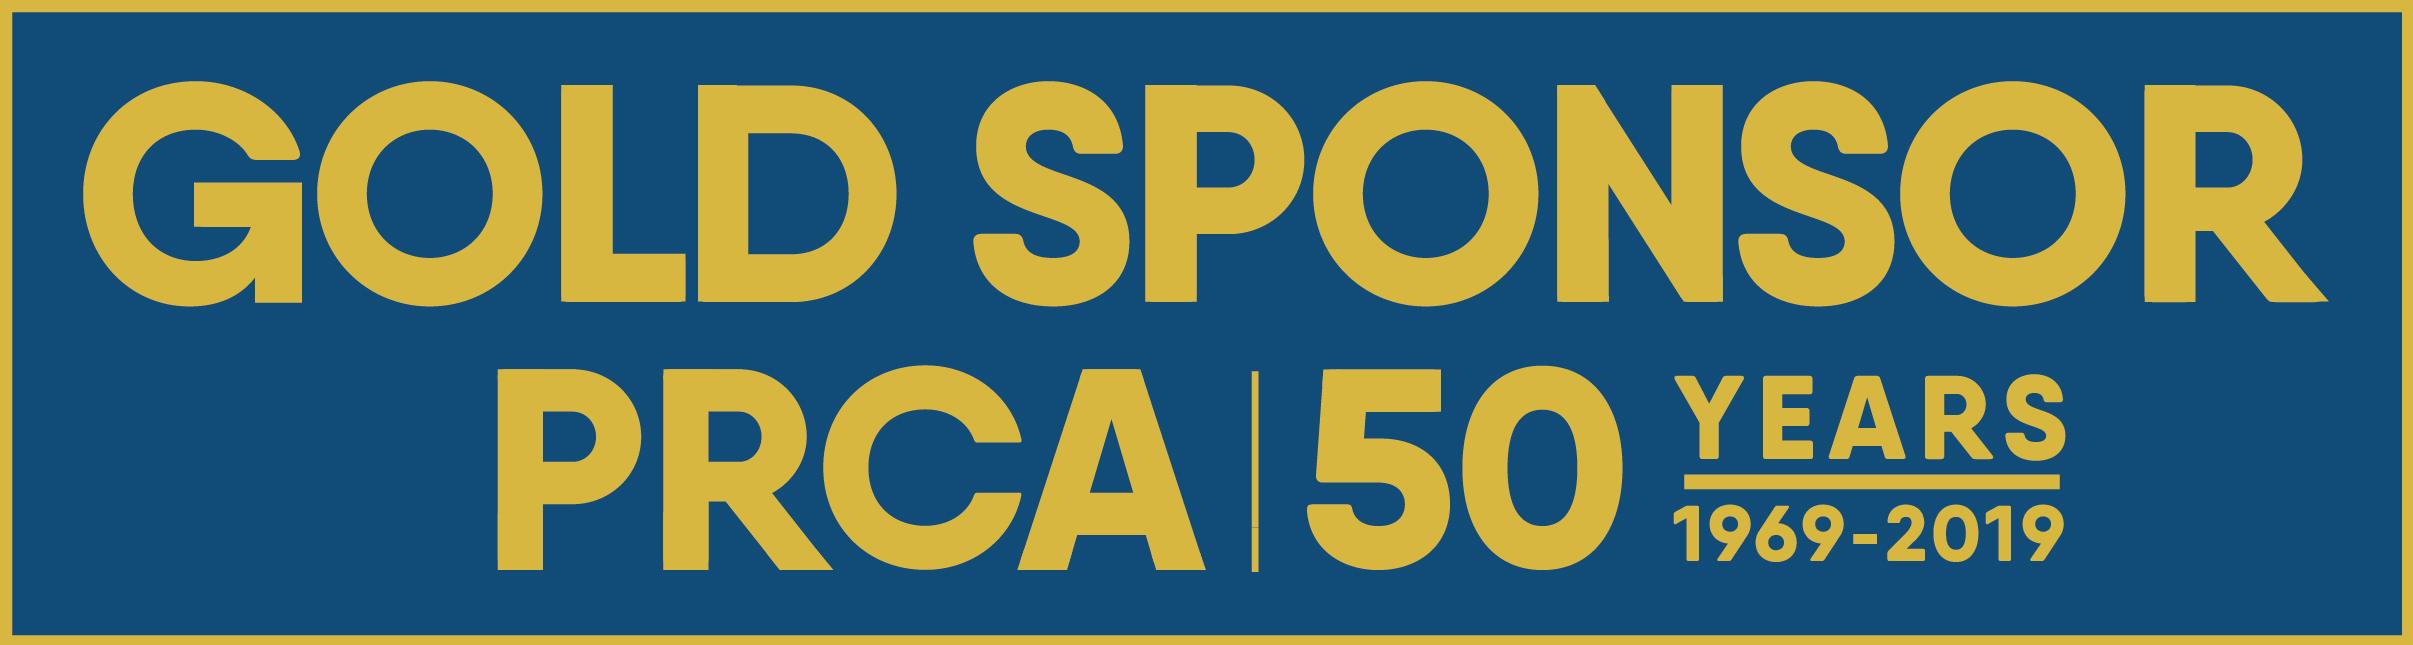 PRCA 50th sponsor logo